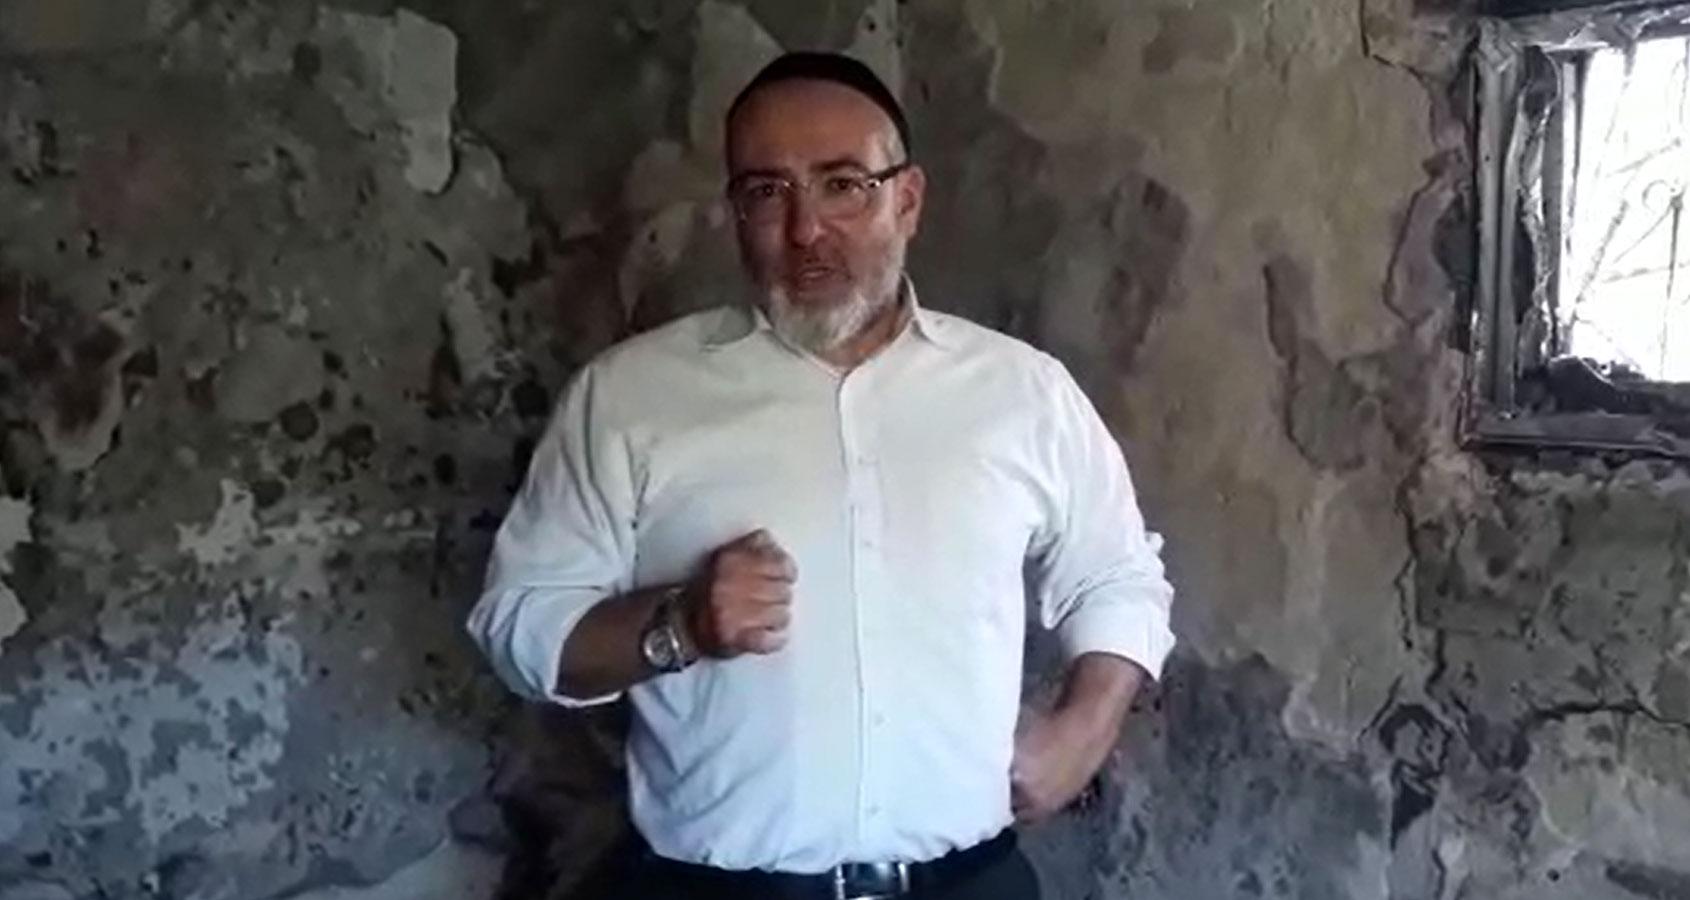 חבר המועצה אלעד צדיקוב בבית שרוף בלוד